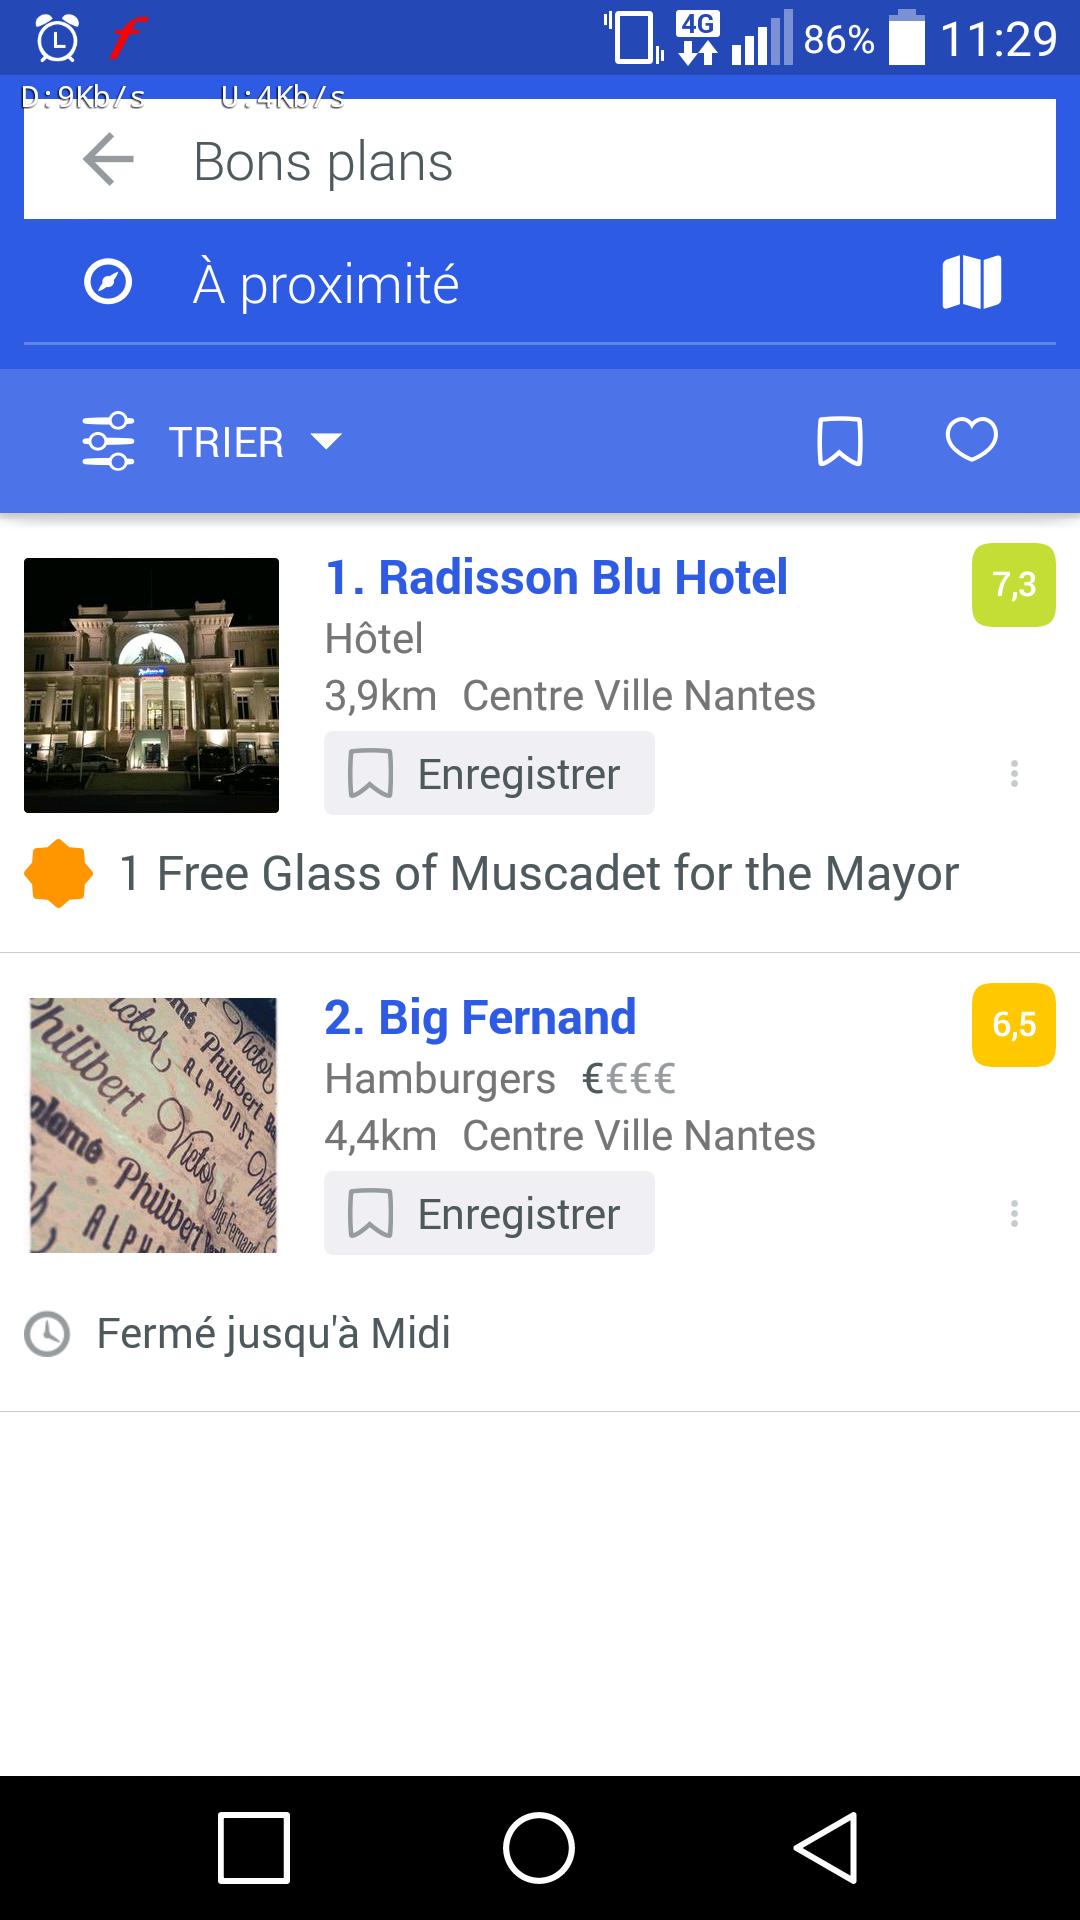 Foursquare_bons-plans